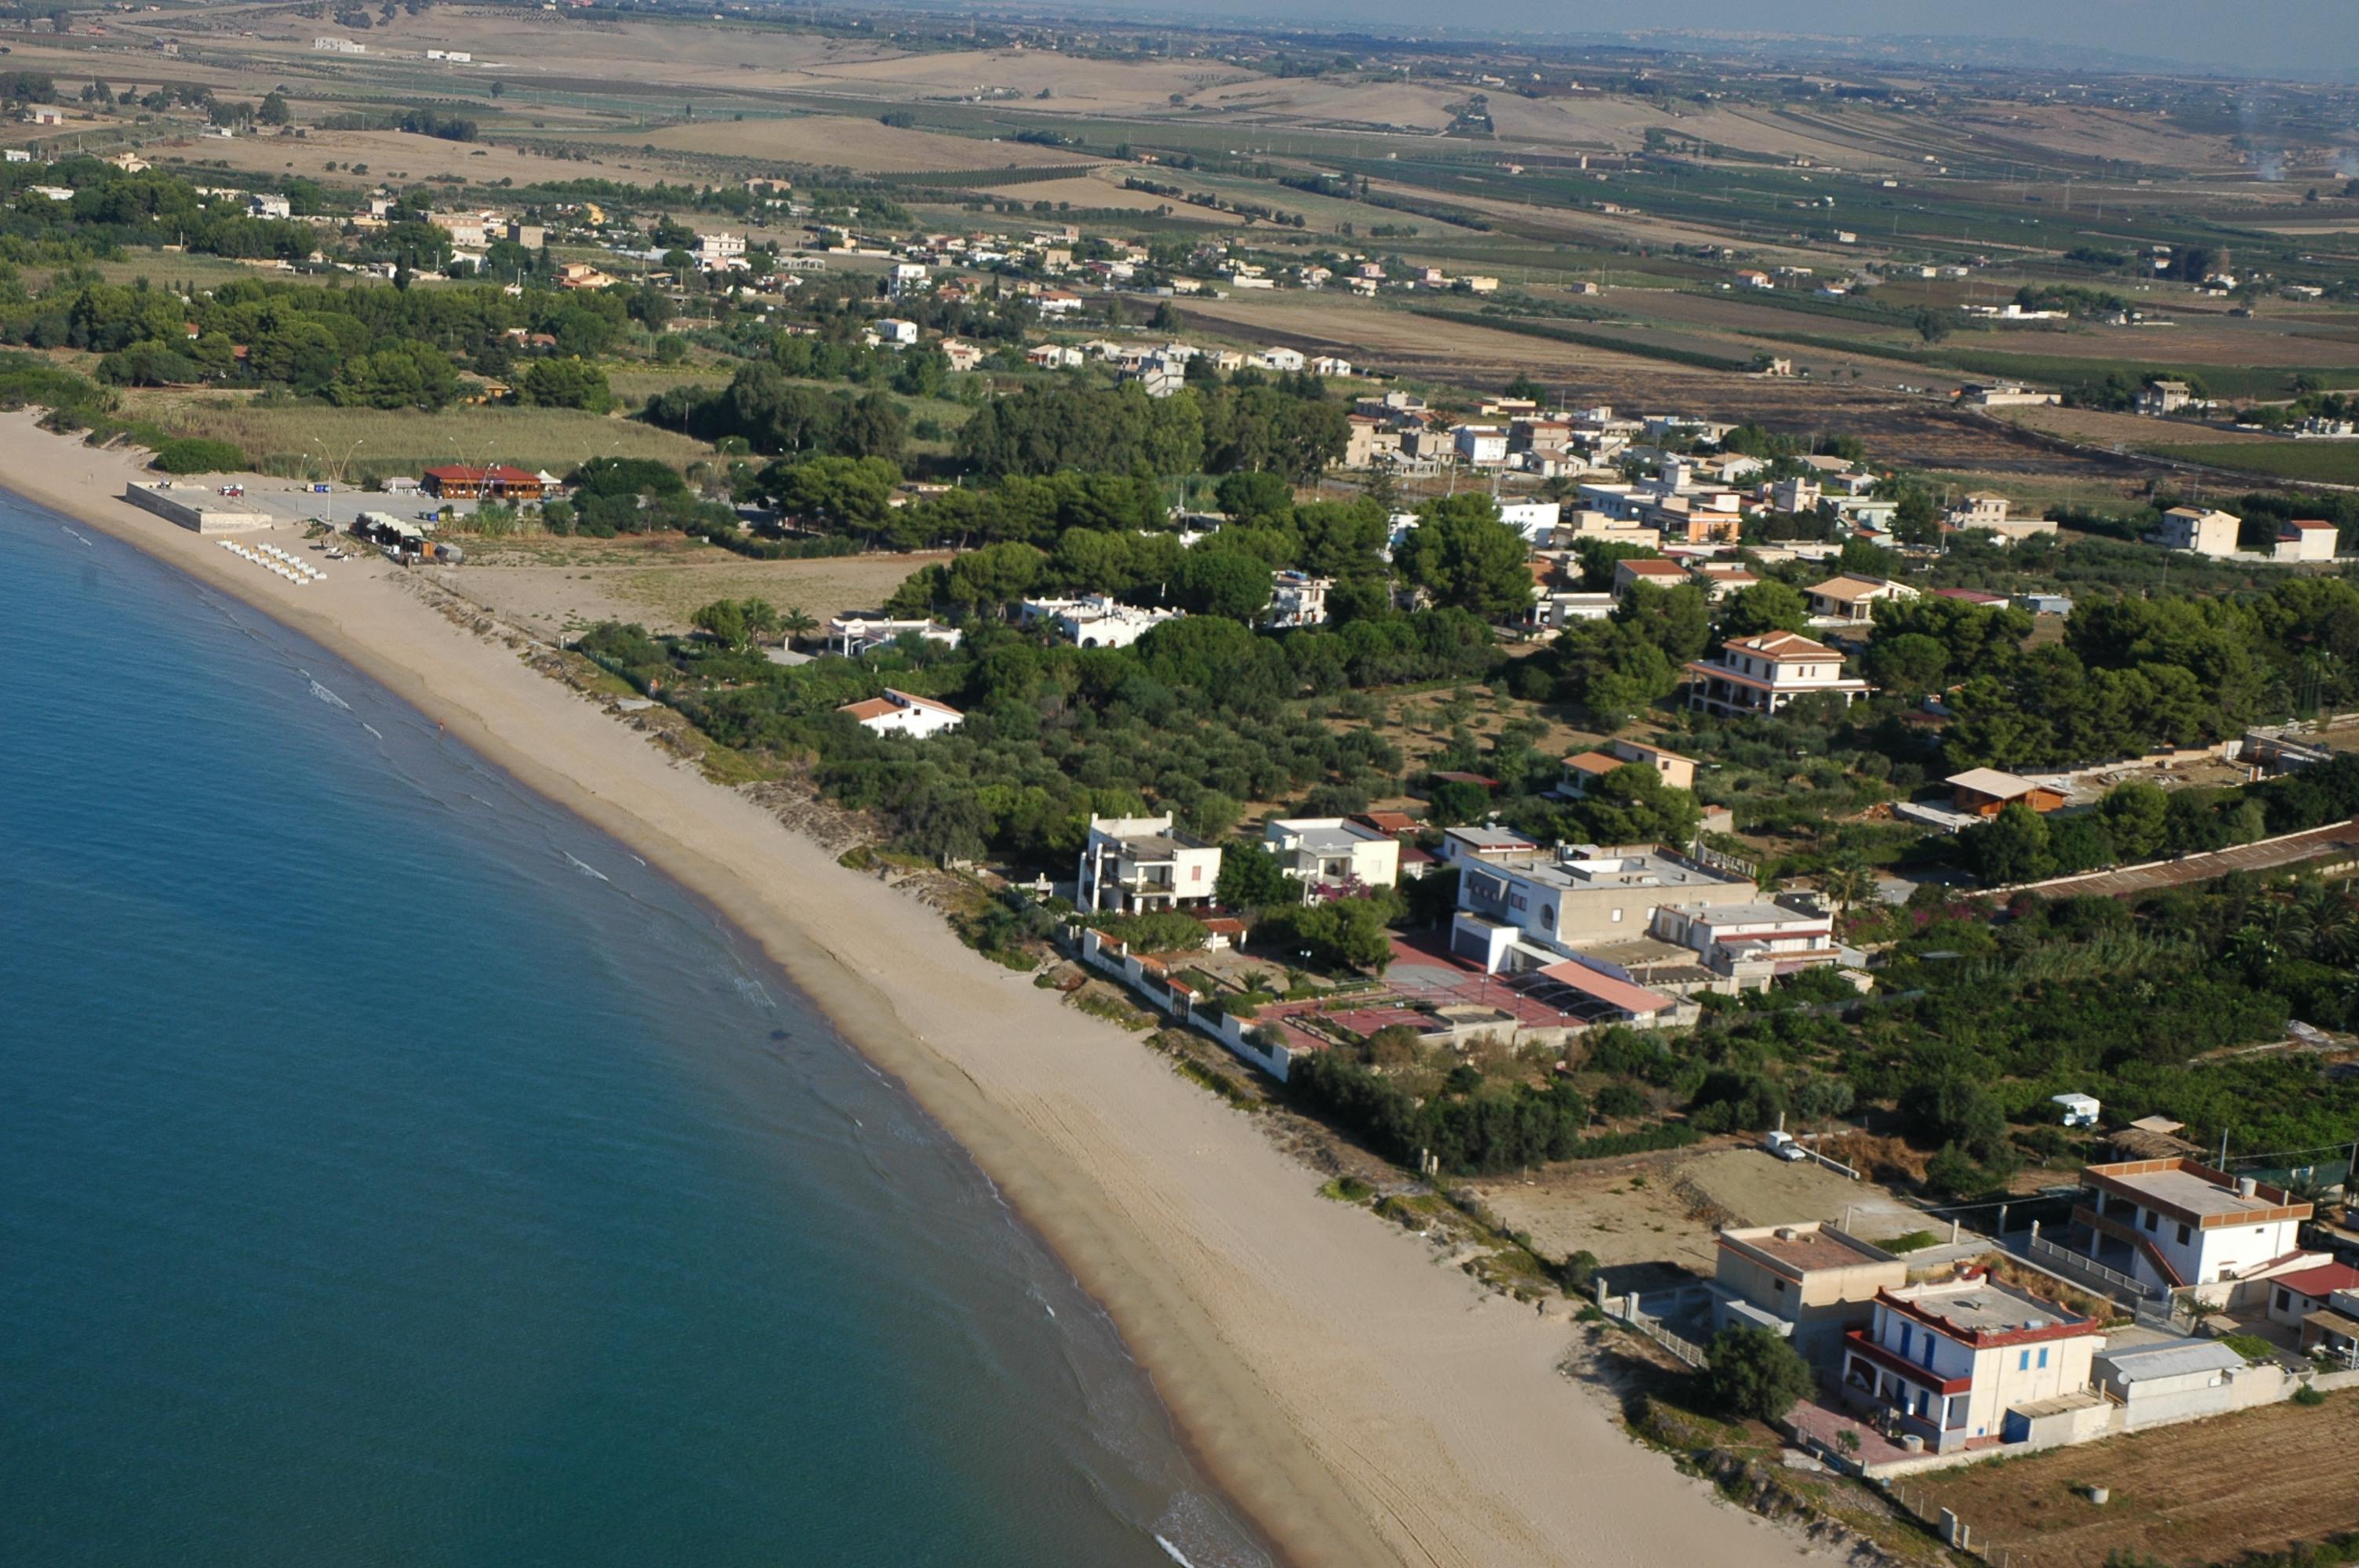 Foto dalla galleria: Foto del territorio di Menfi